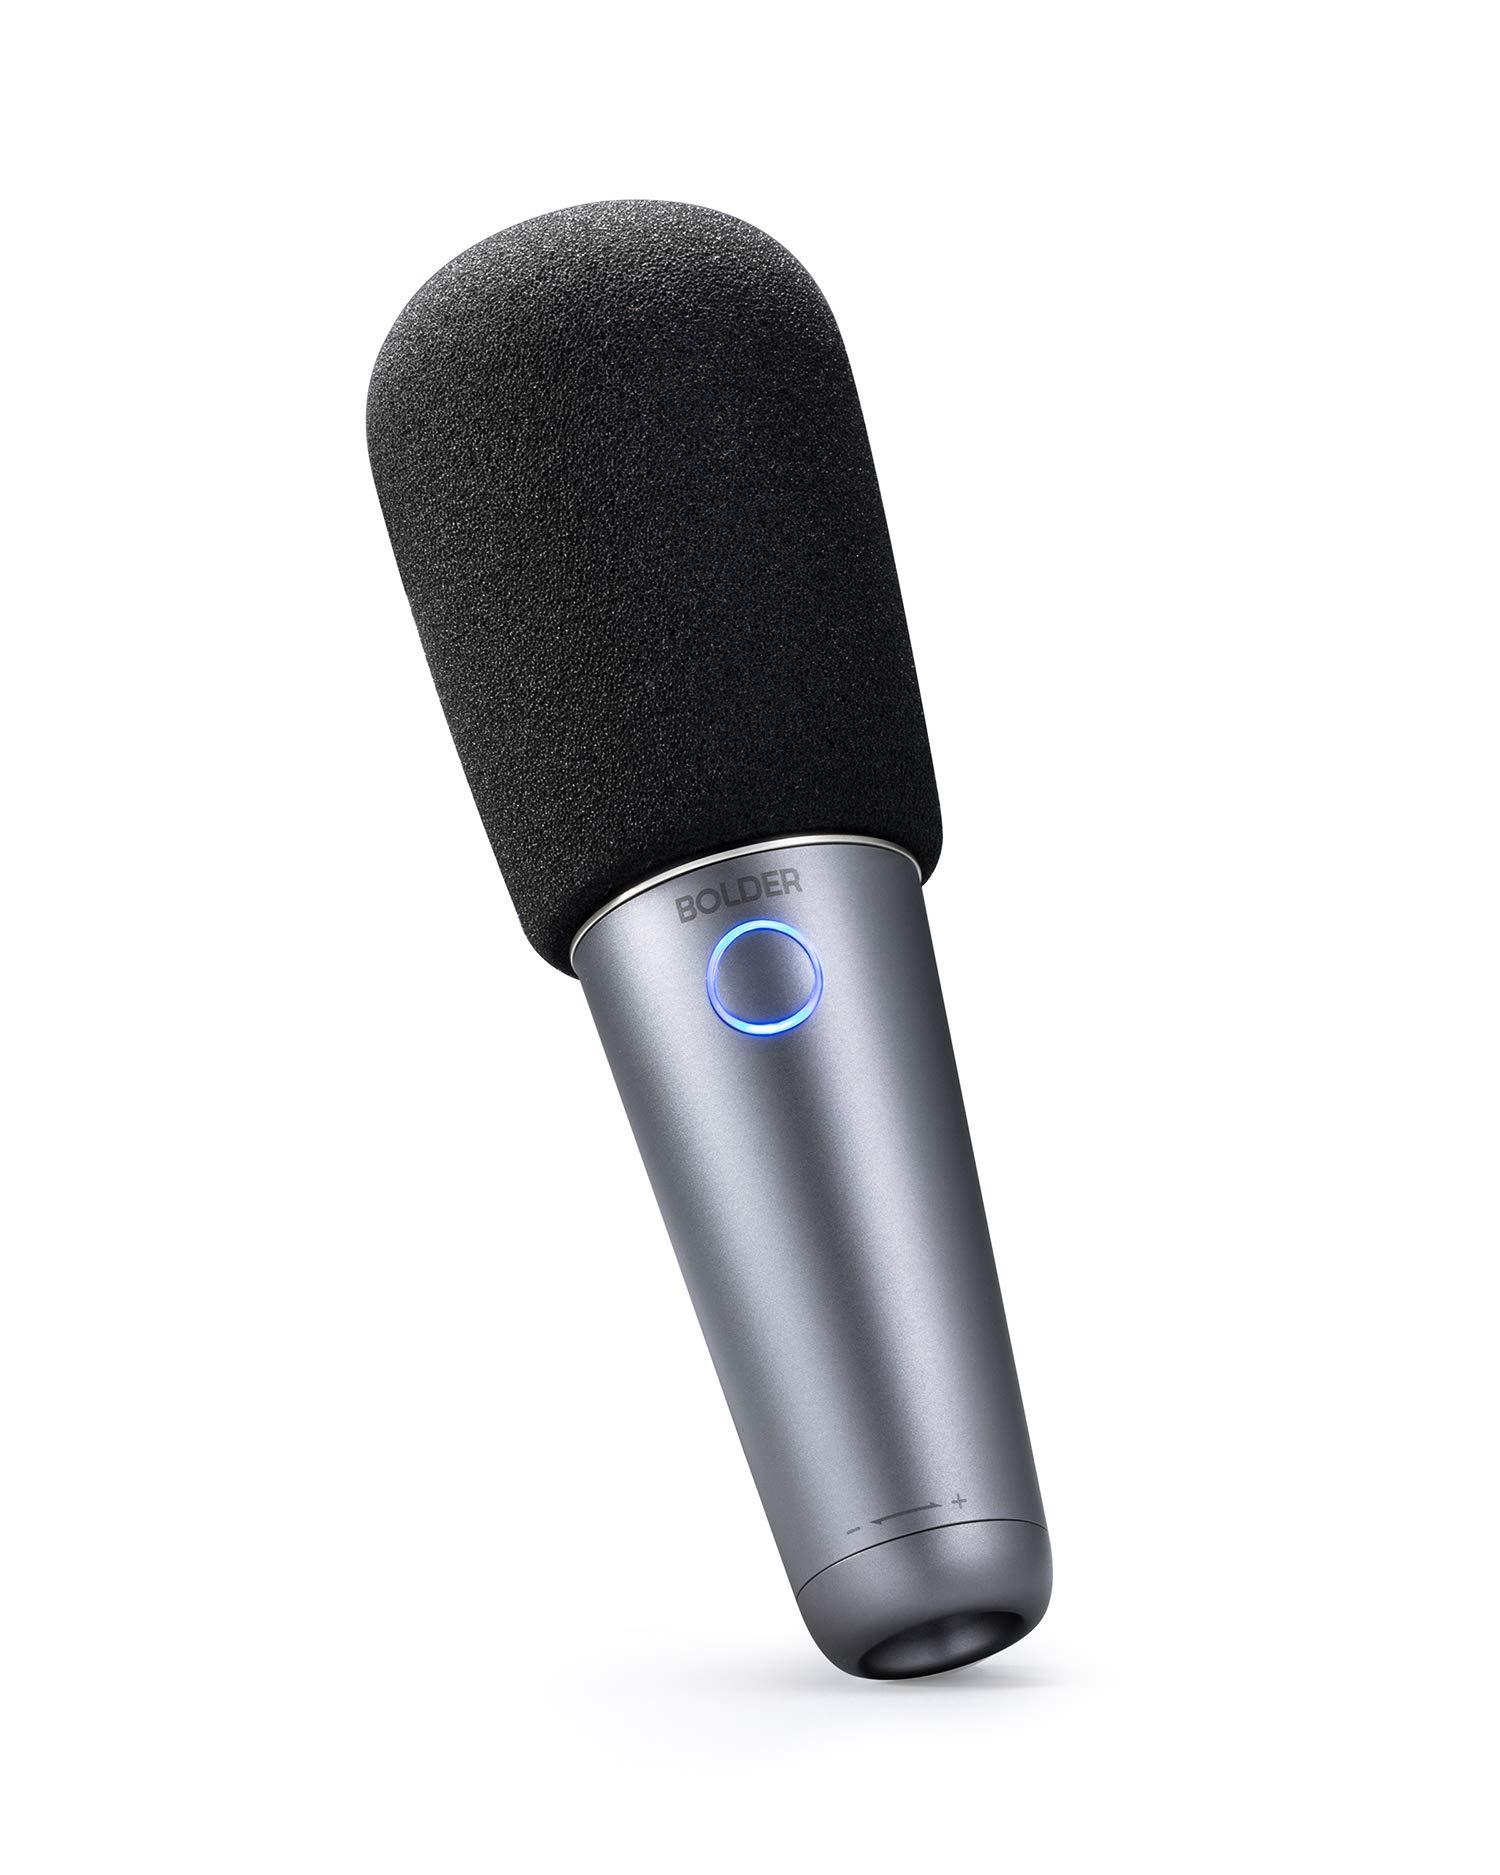 Micrófono de karaoke Bluetooth, micrófono de karaoke más audaz para iOS, Android, PC, altavoz incorporado, Bluetooth, US